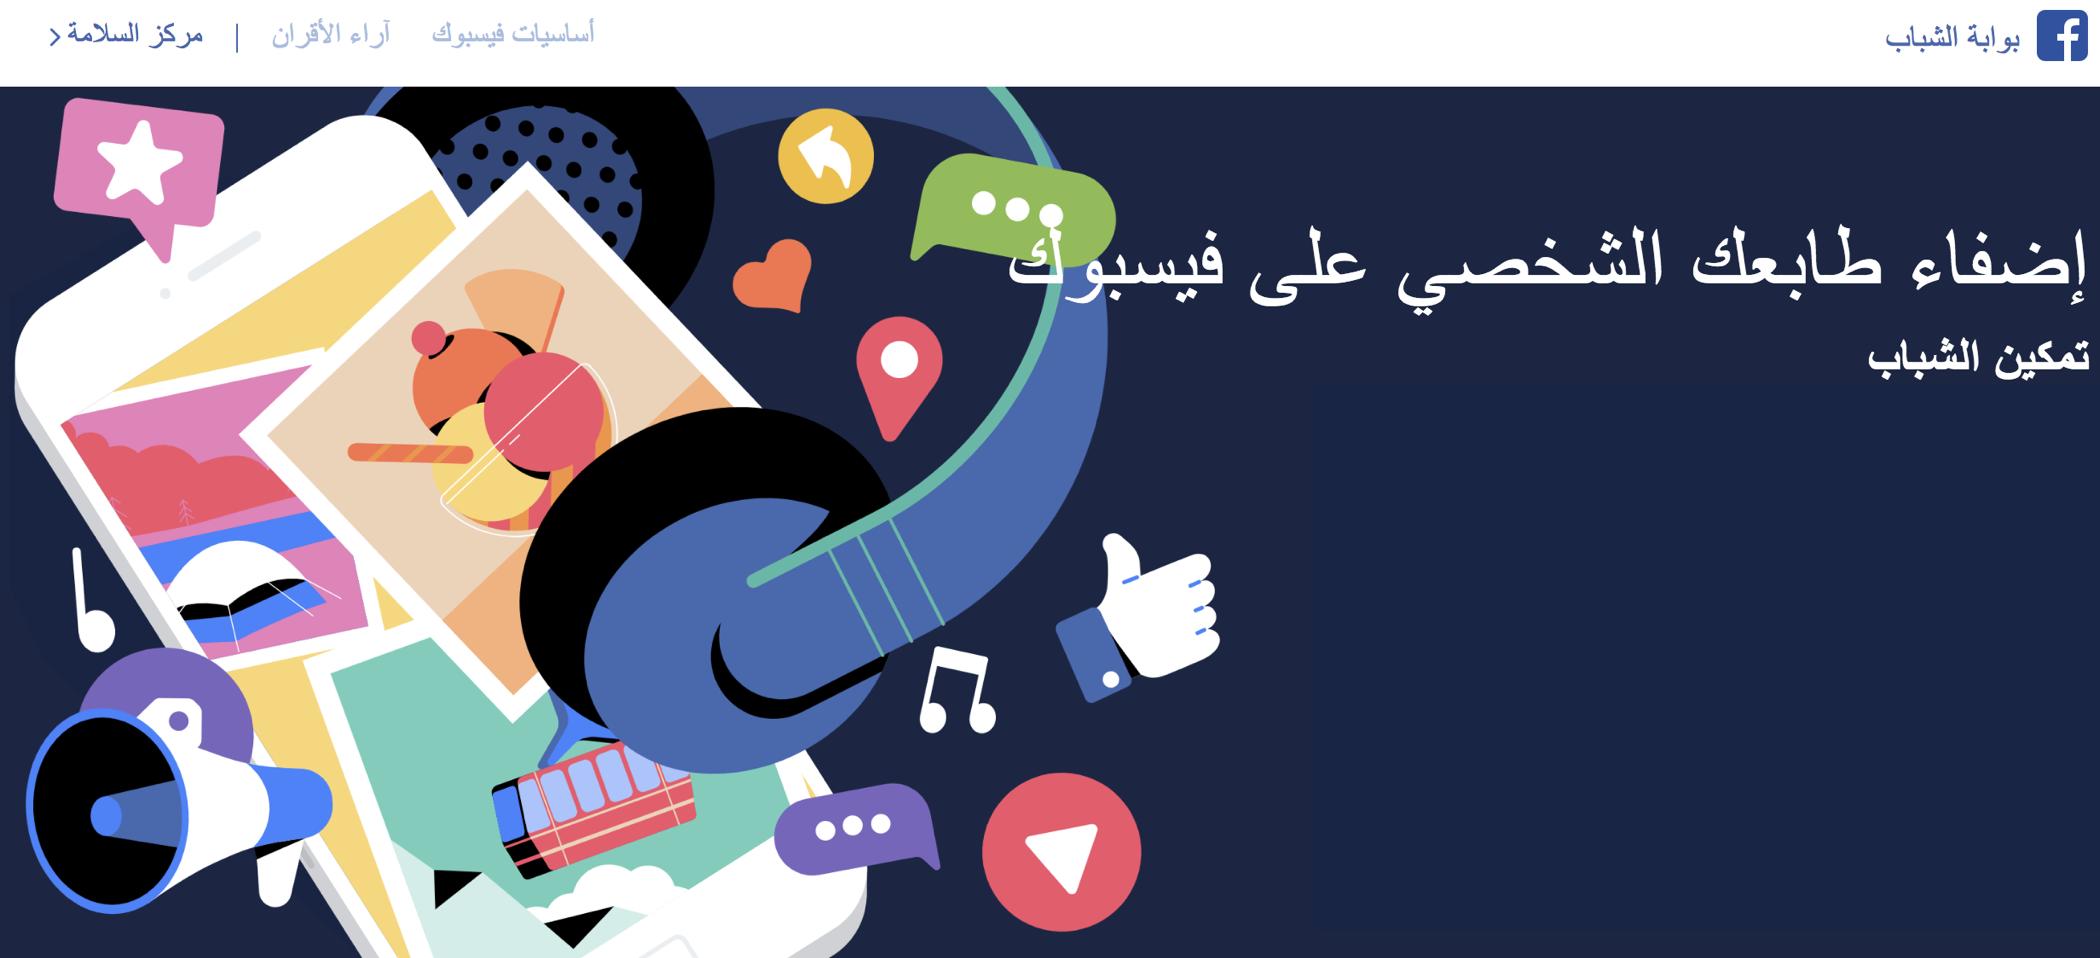 فيسبوك تطلق منصة للشباب بـ 60 لغة